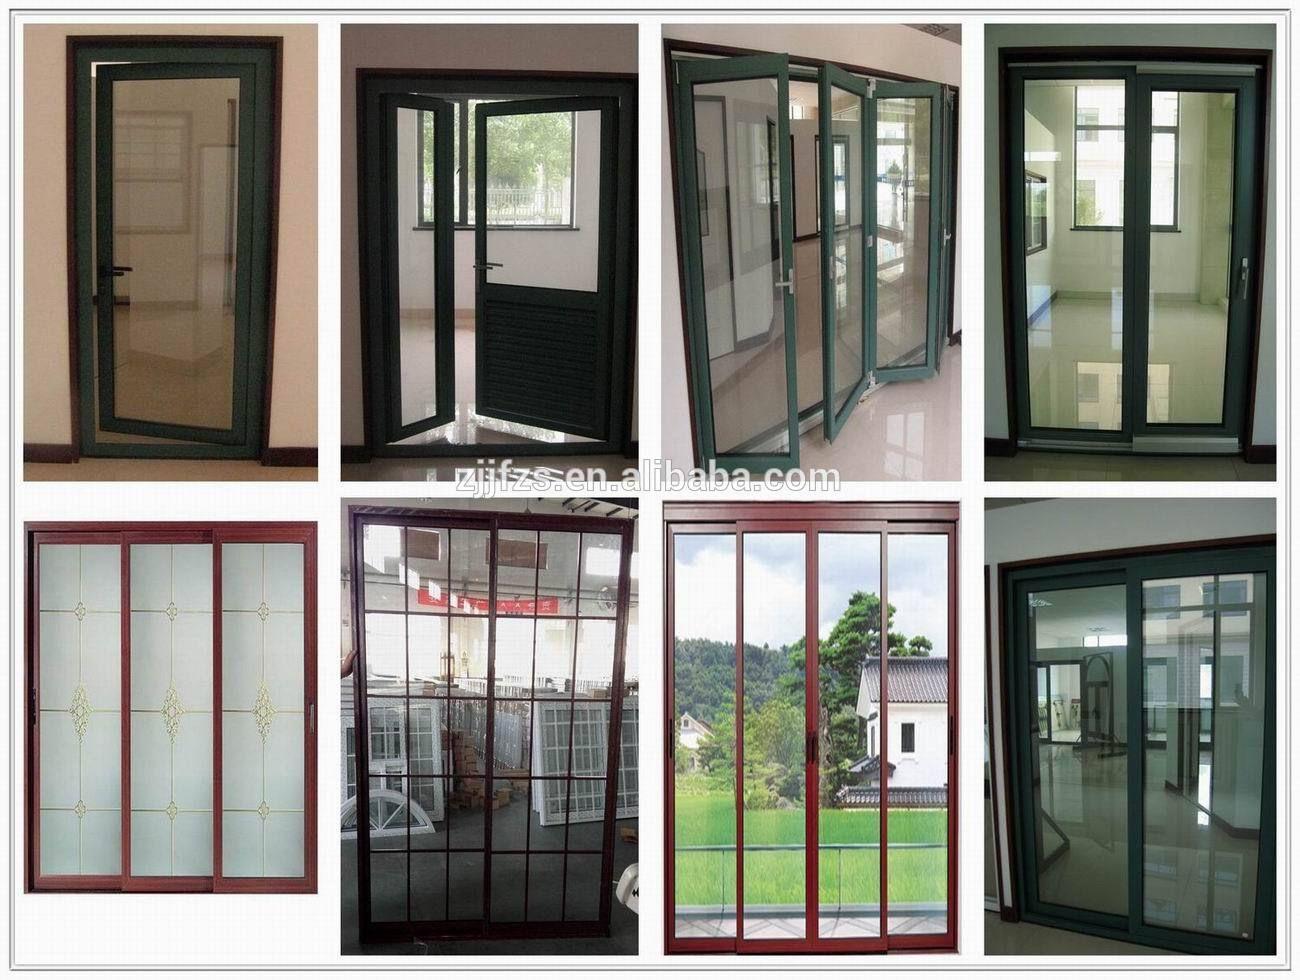 resultado de imagen para tipos de puertas correderas dobles - Tipos De Puertas Correderas